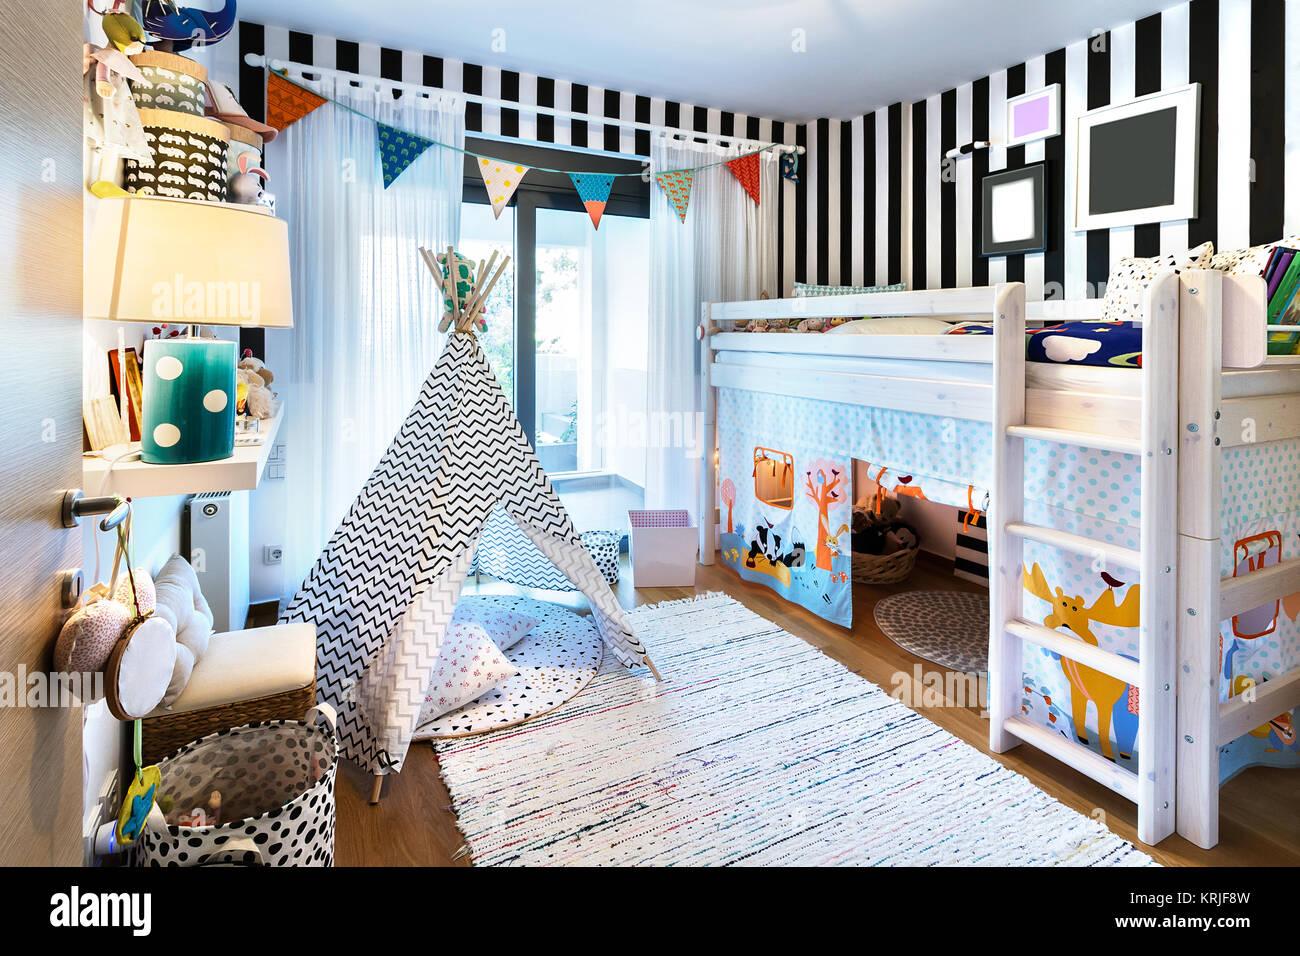 Bambini La camera da letto con letto a castello letto in ...